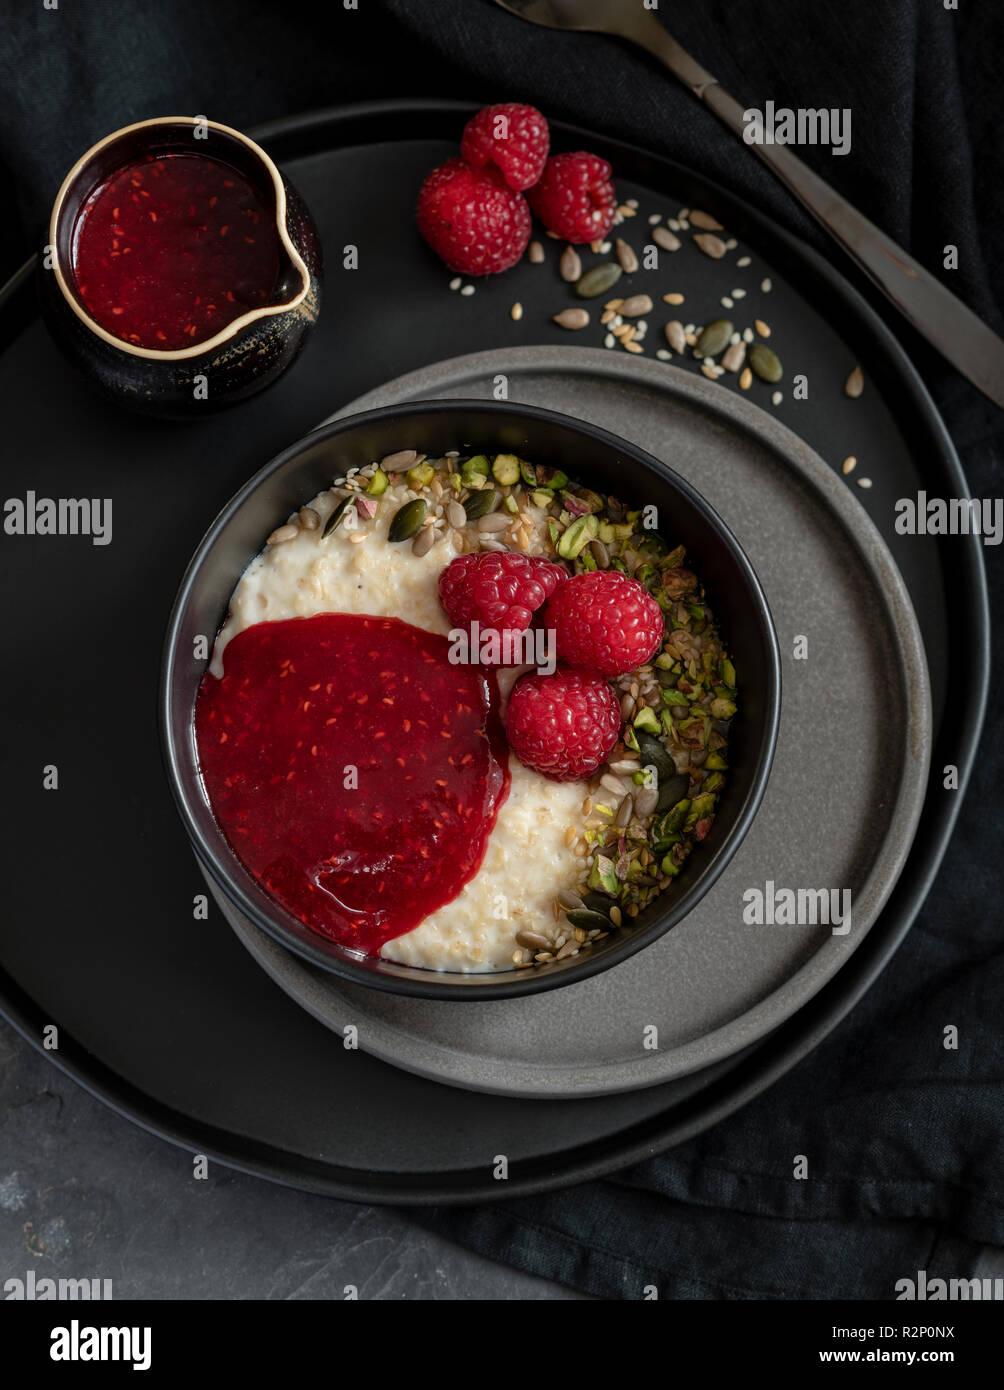 Porridge with raspberries and pistachio - Stock Image